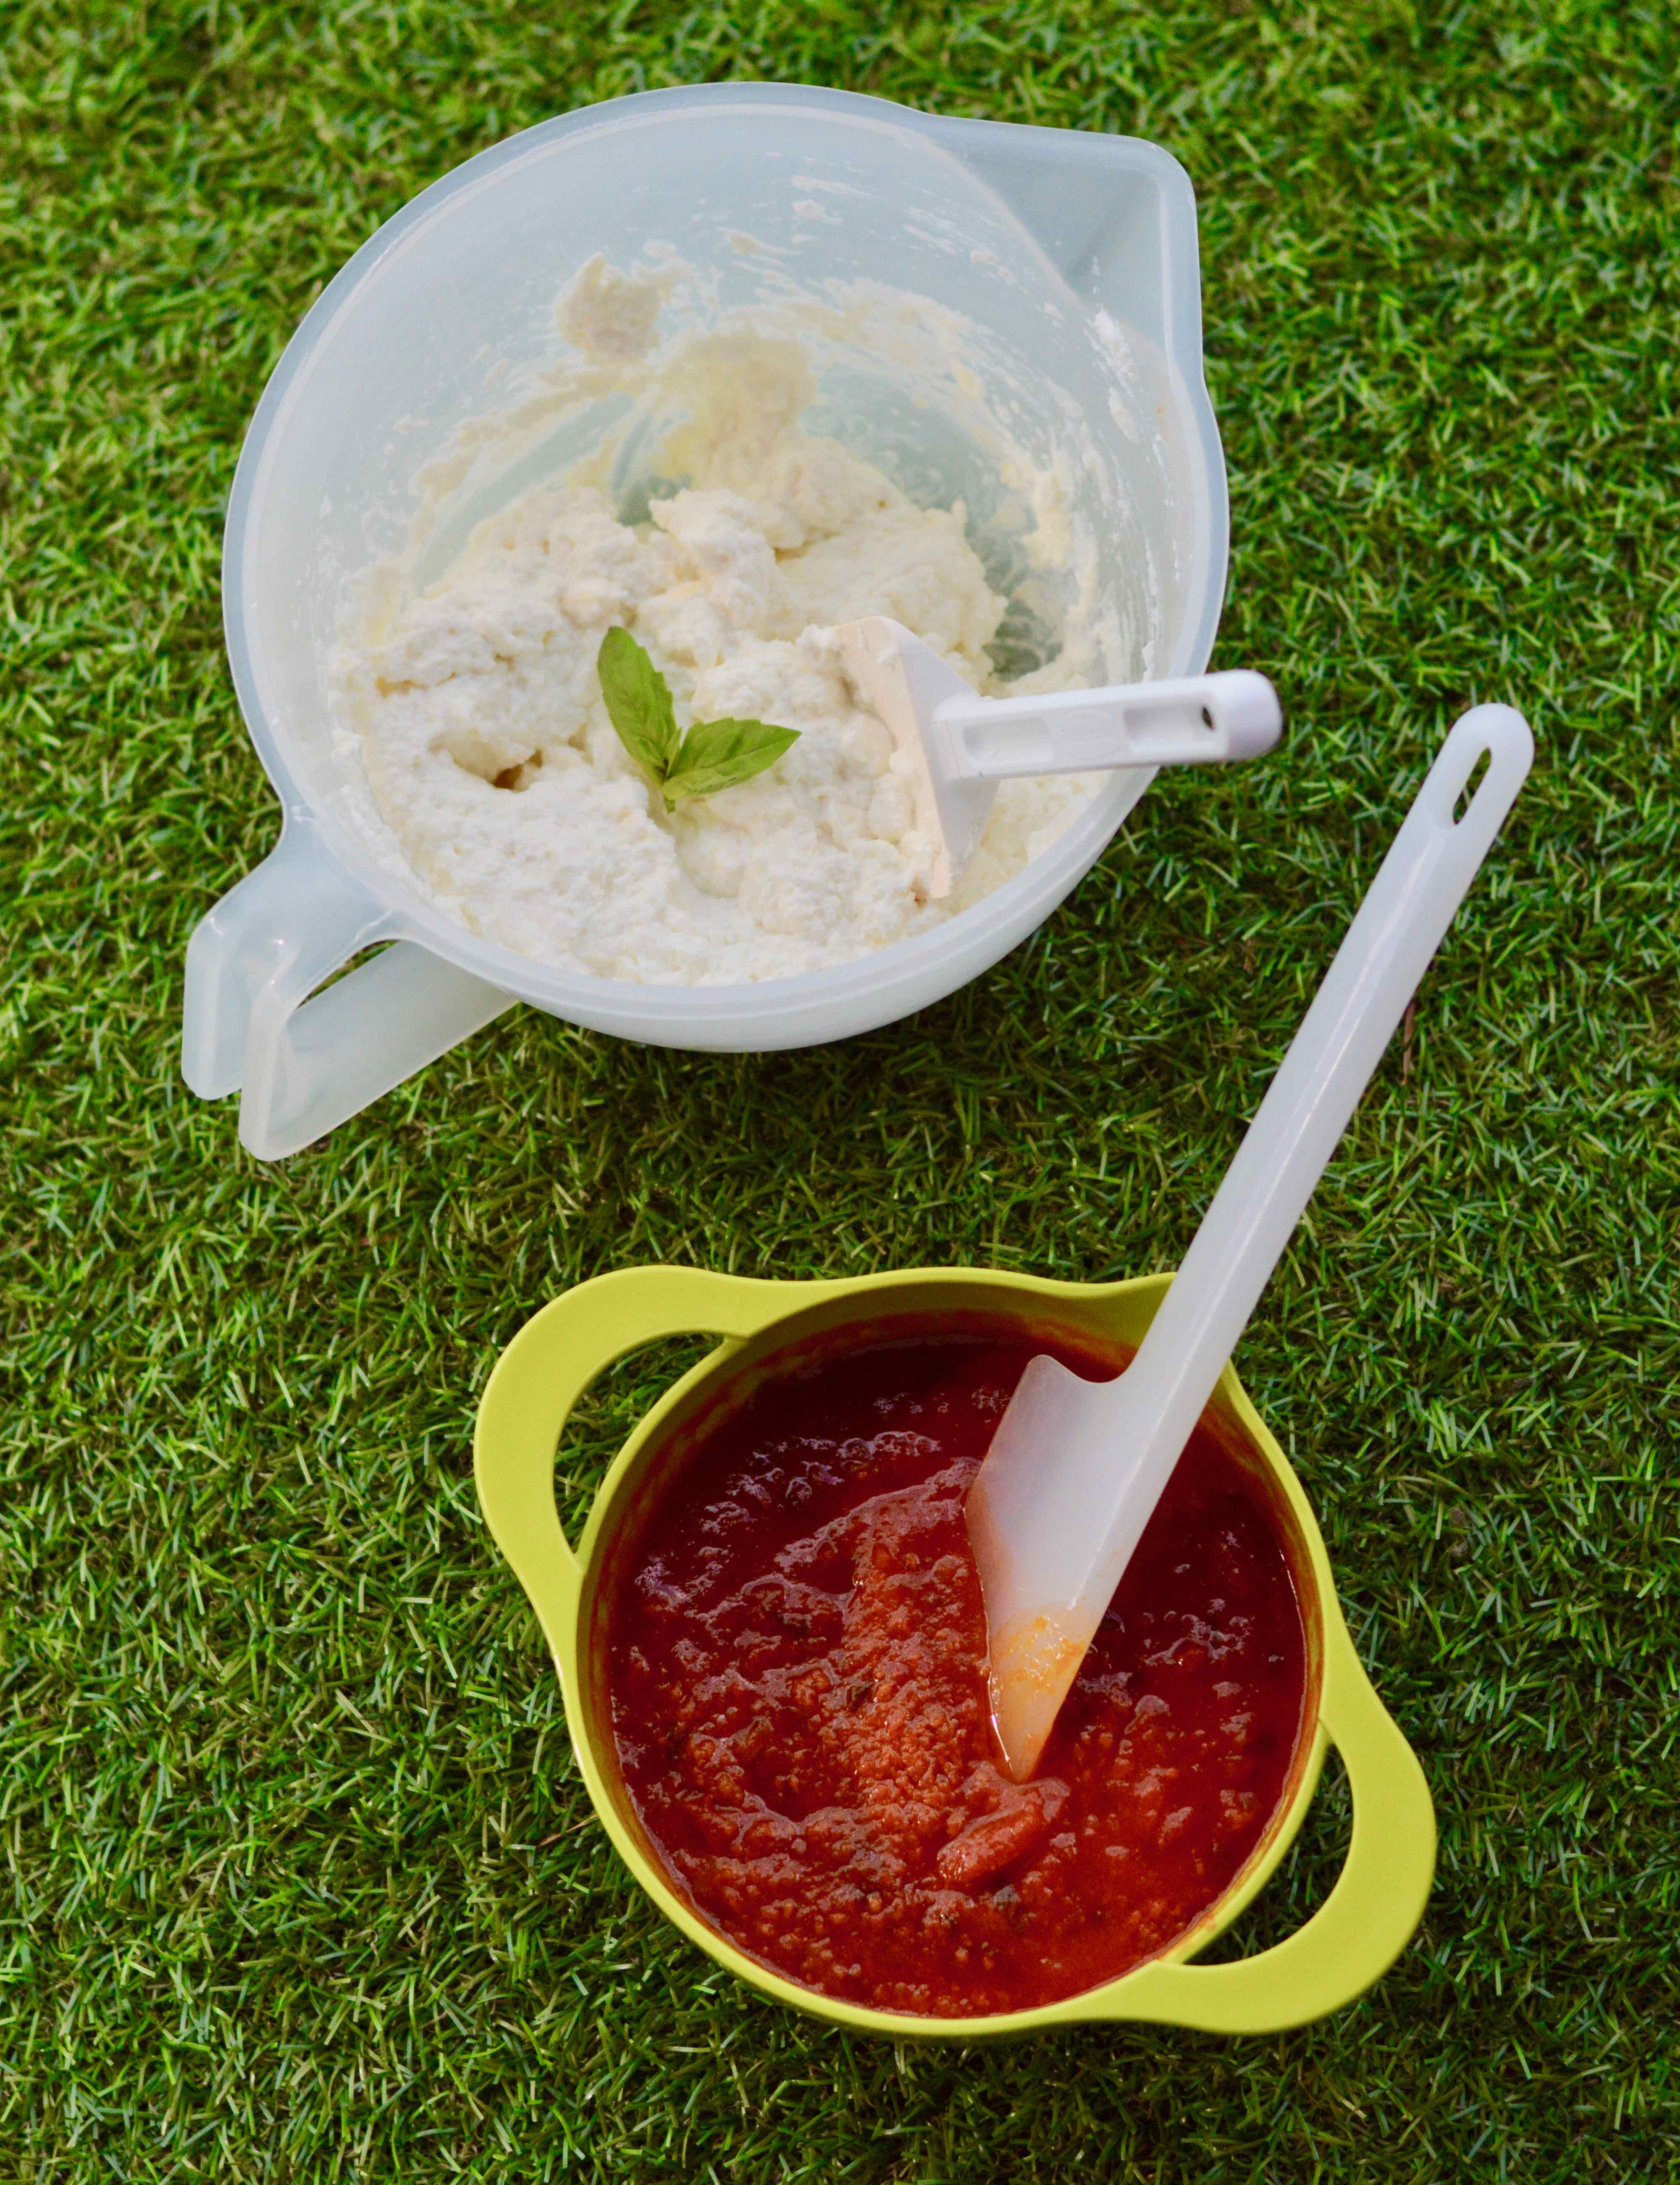 Aubergine Eggplant Mixed